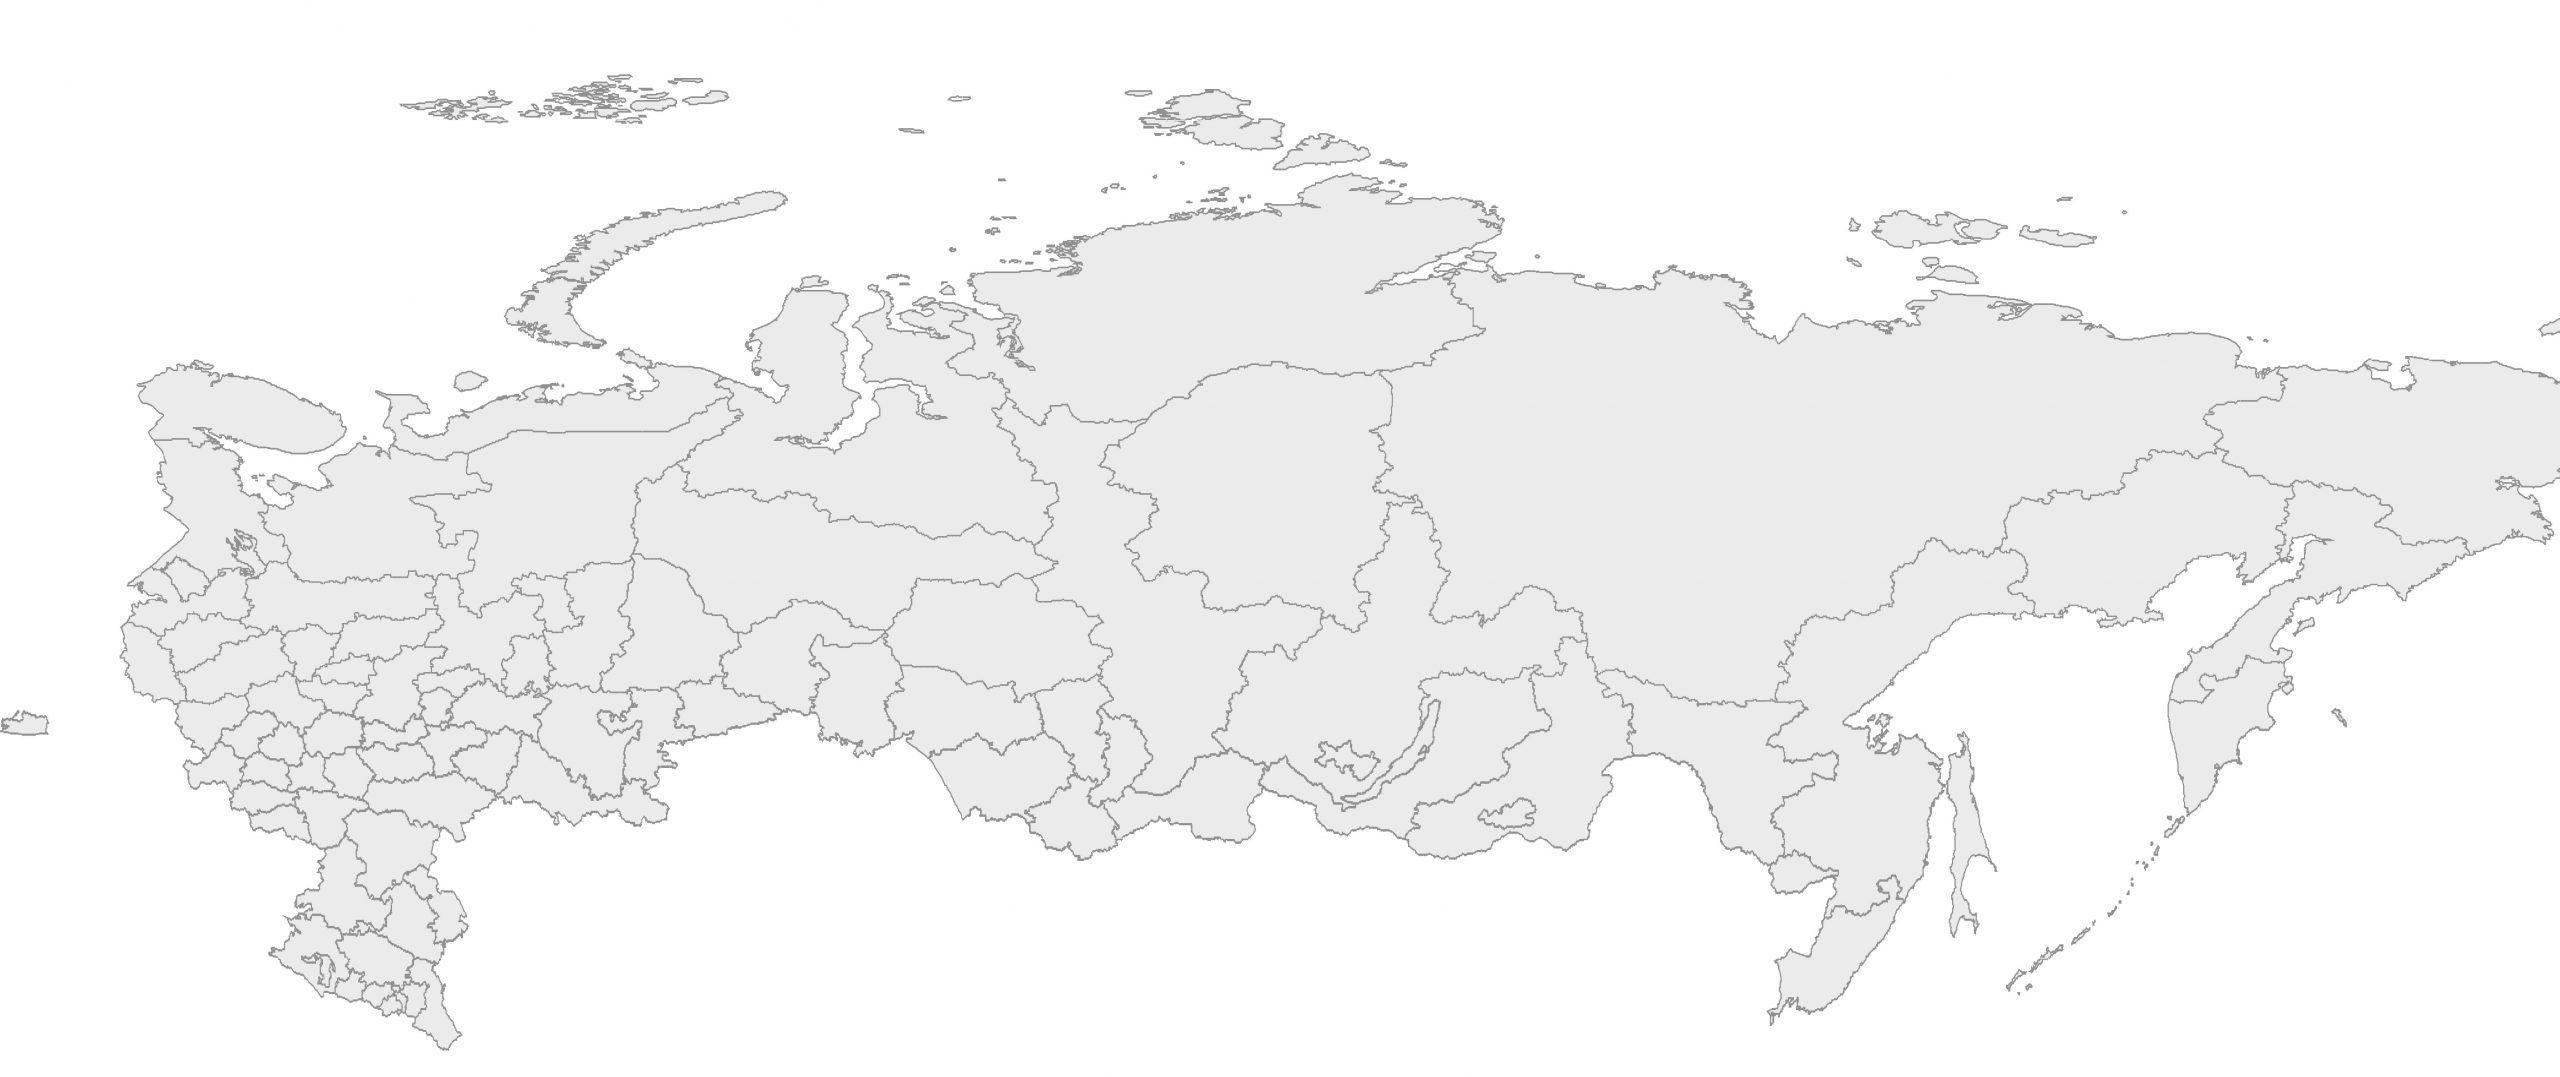 Carte Russie Vierge Régions, Carte Vierge Des Régions De La destiné Carte Europe Vierge